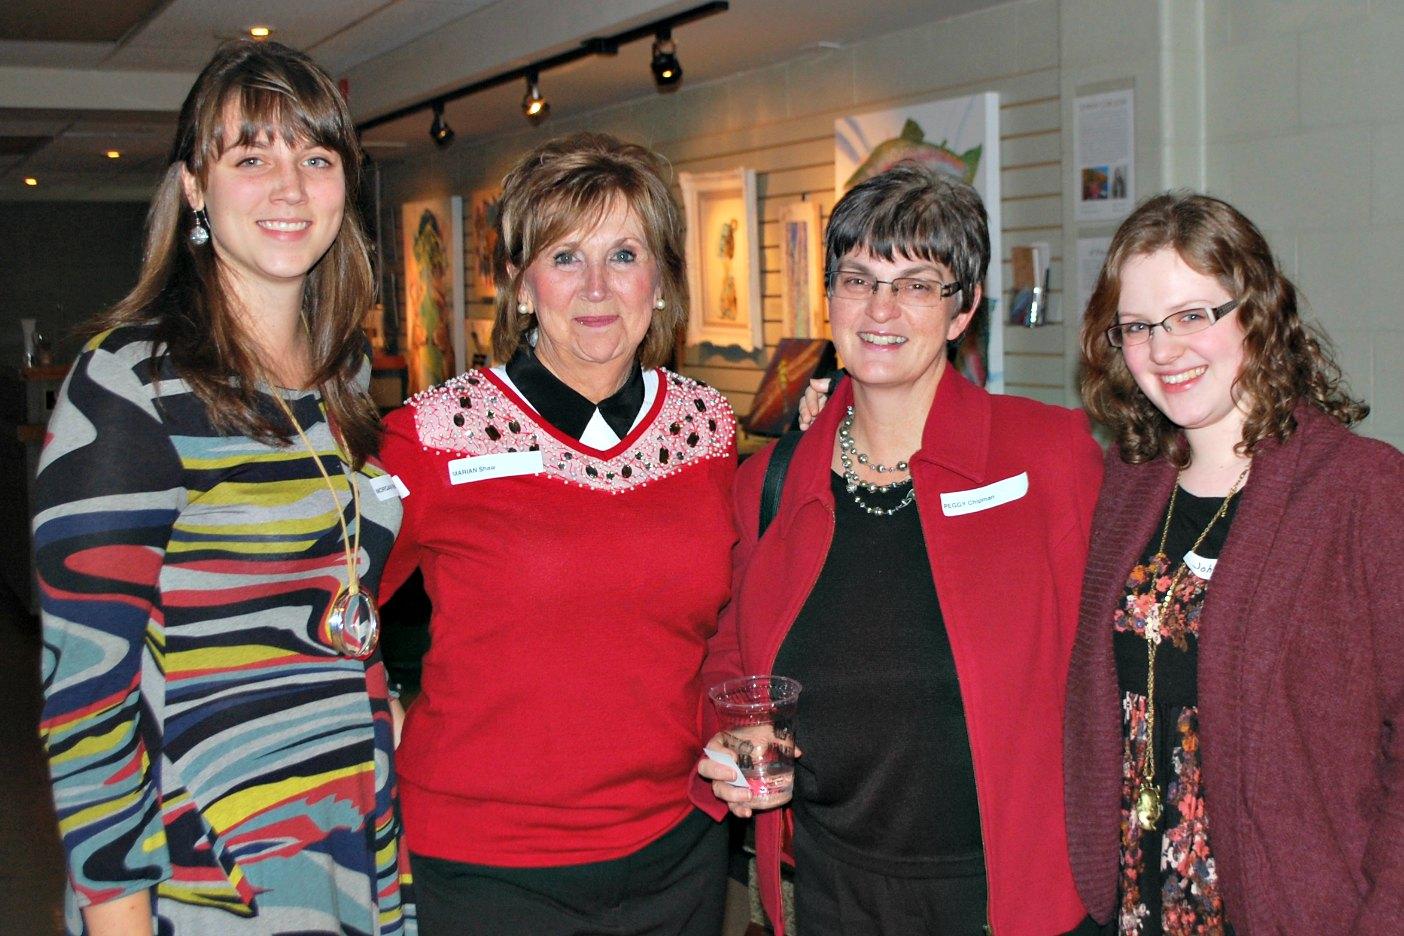 Morgan Richter, Marian Shaw, Peggy Chipman, and Johanna Chipman at a Volunteer Muskoka appreciation social